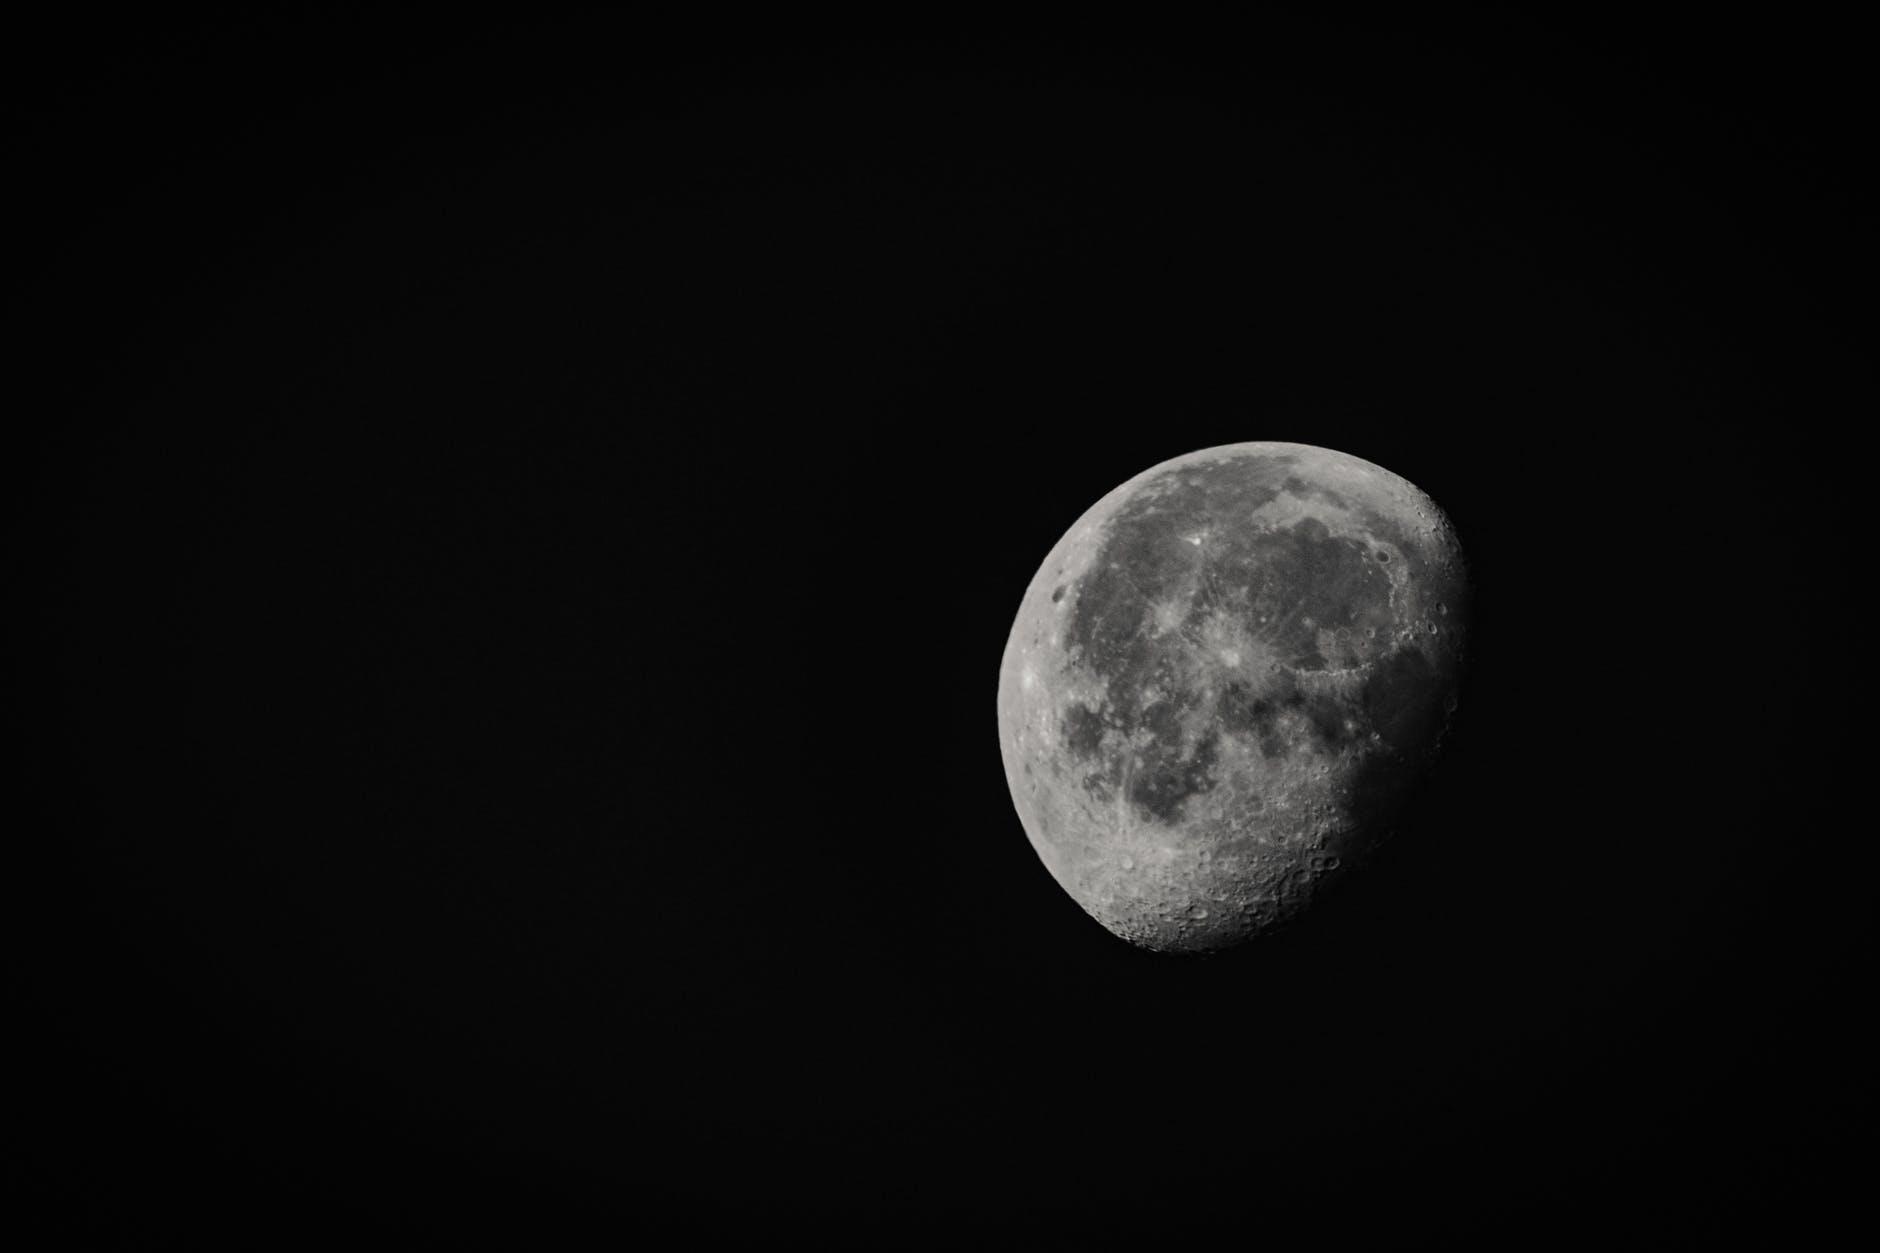 Роскосмос перенёс запуск российской станции на Луну на 2022 год